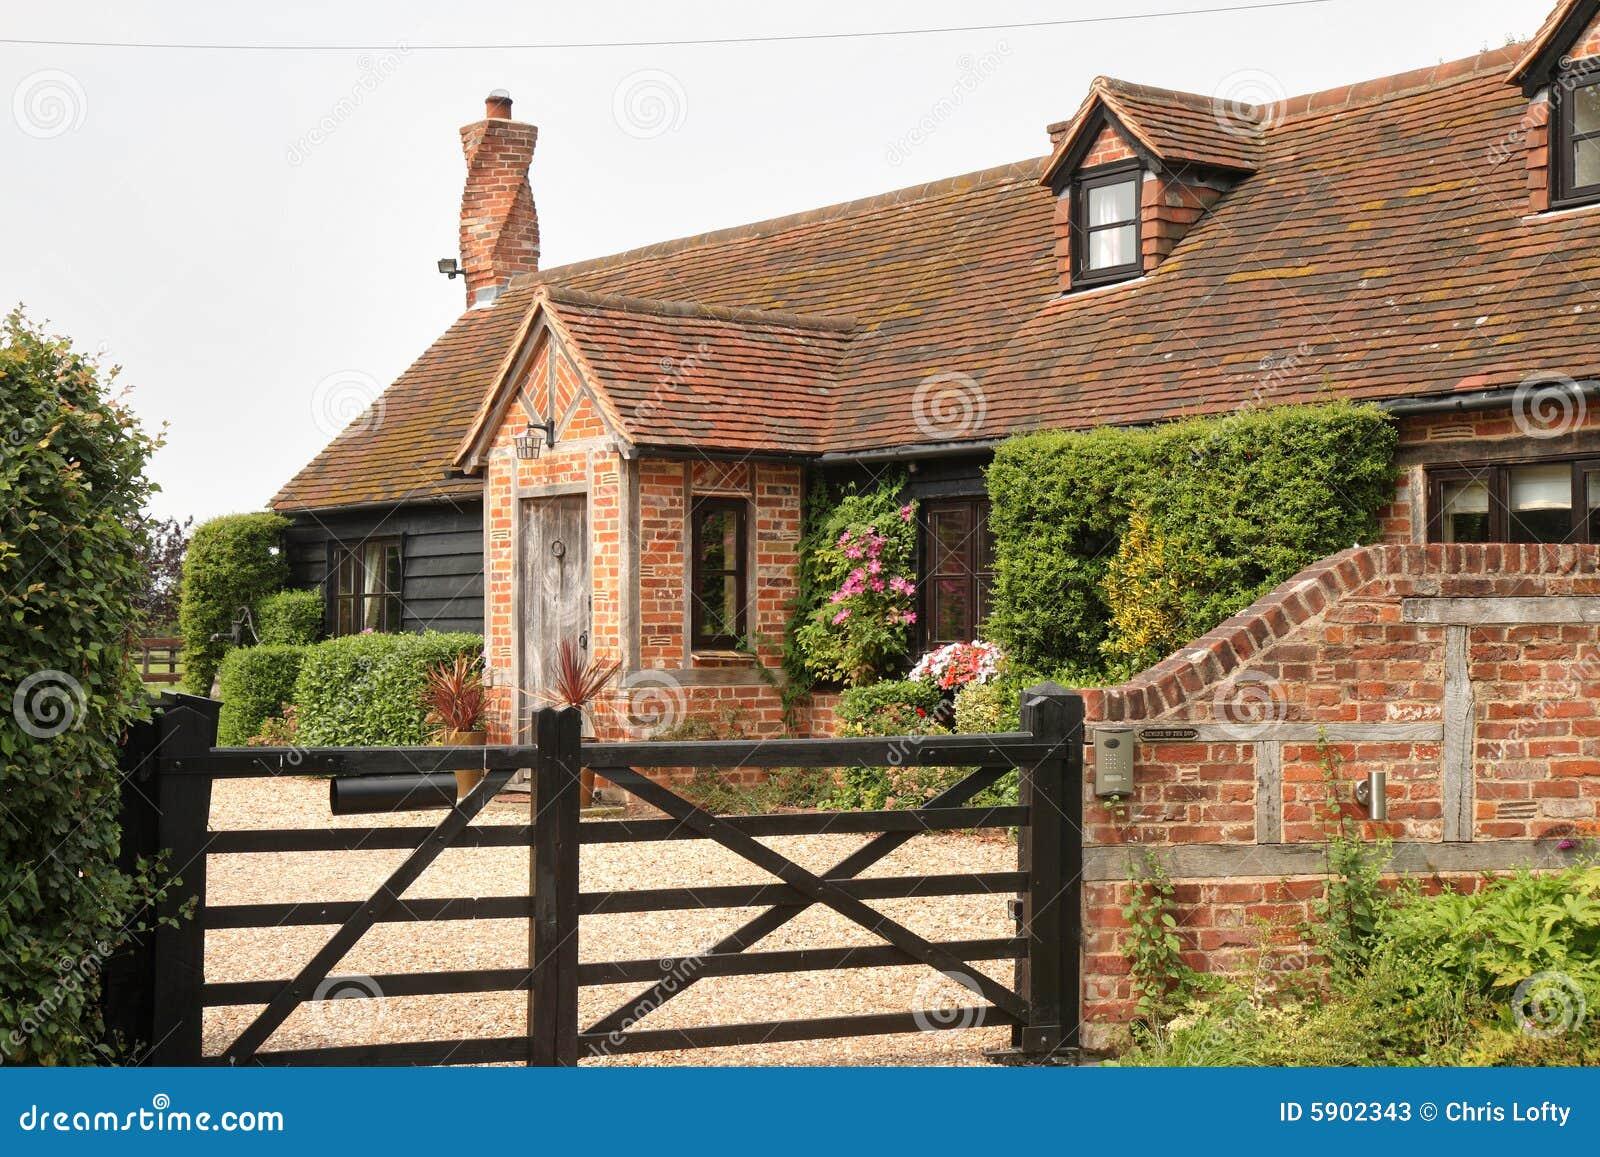 Casa de campo quadro madeira da vila fotos de stock - Fotos de casas de campo ...